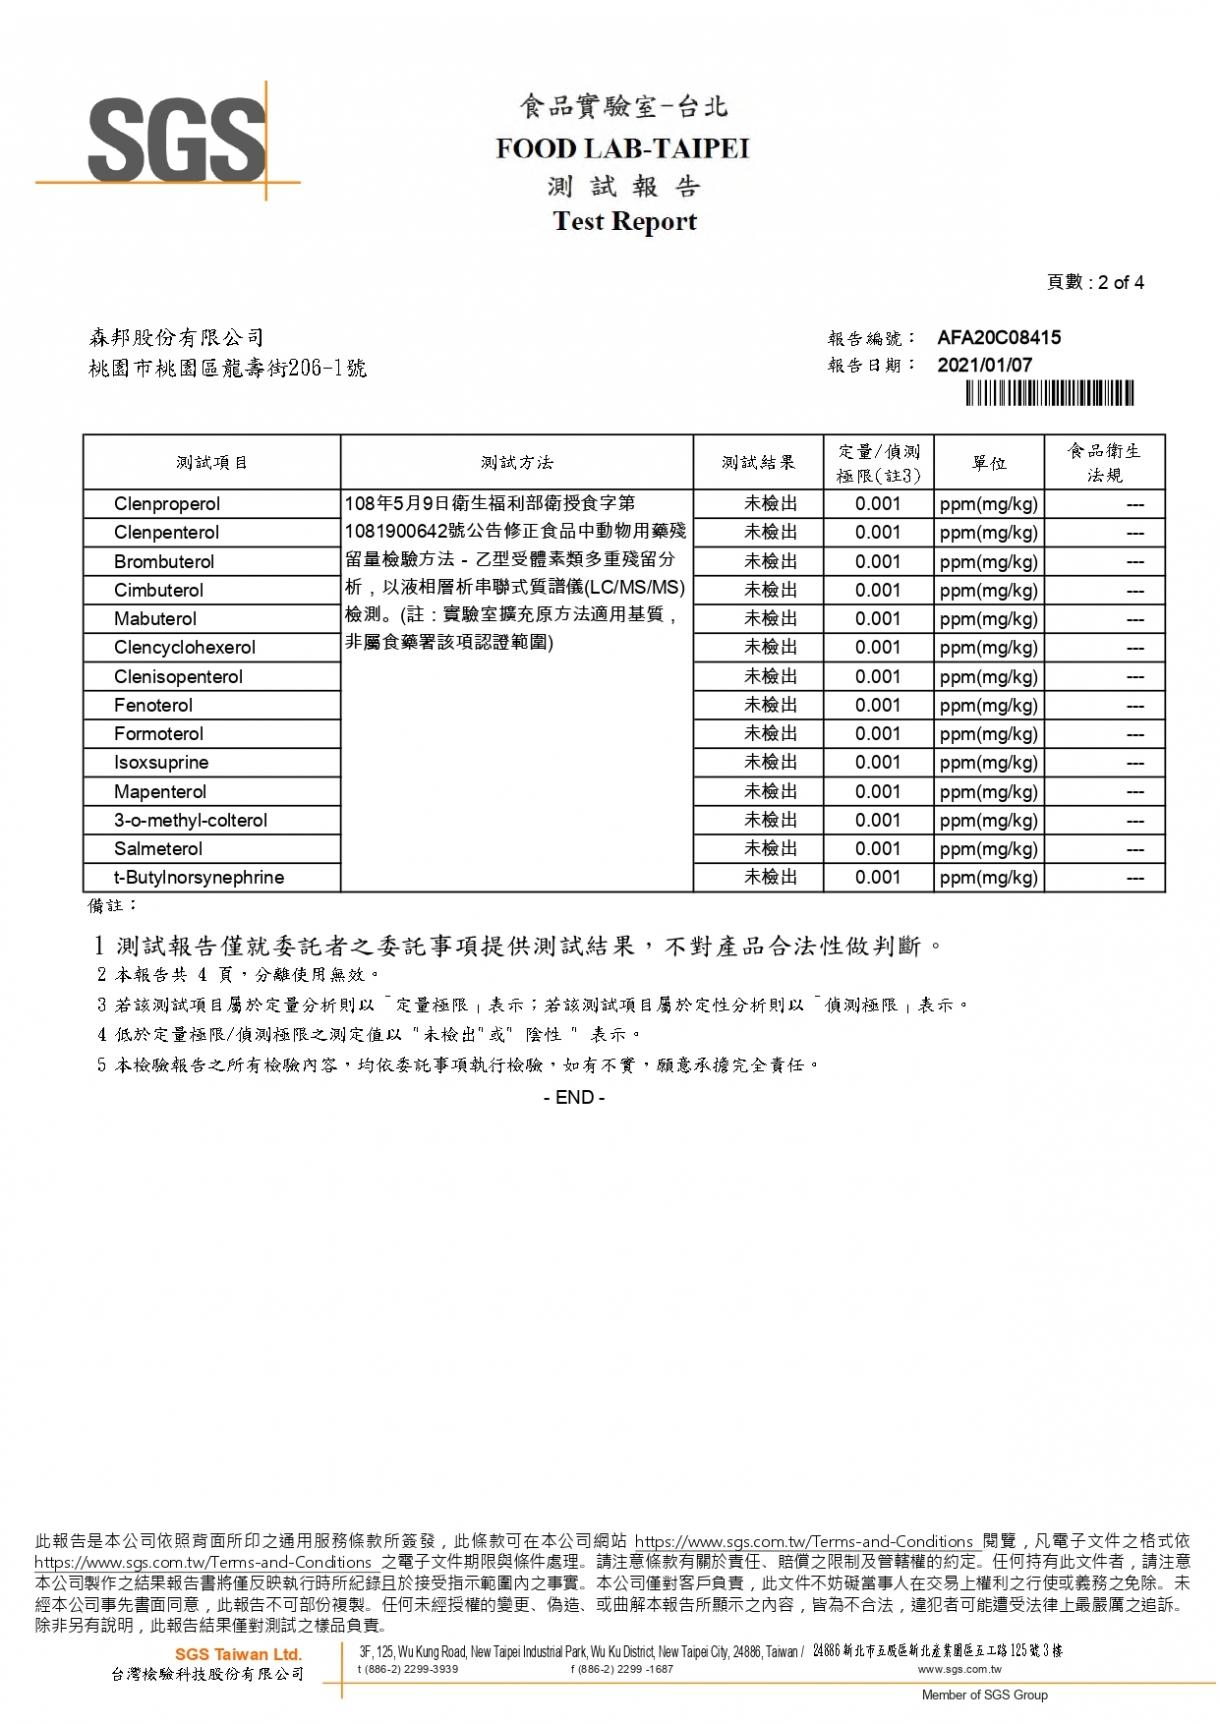 白醬 瘦肉精檢驗報告20210107pdf_page-0002